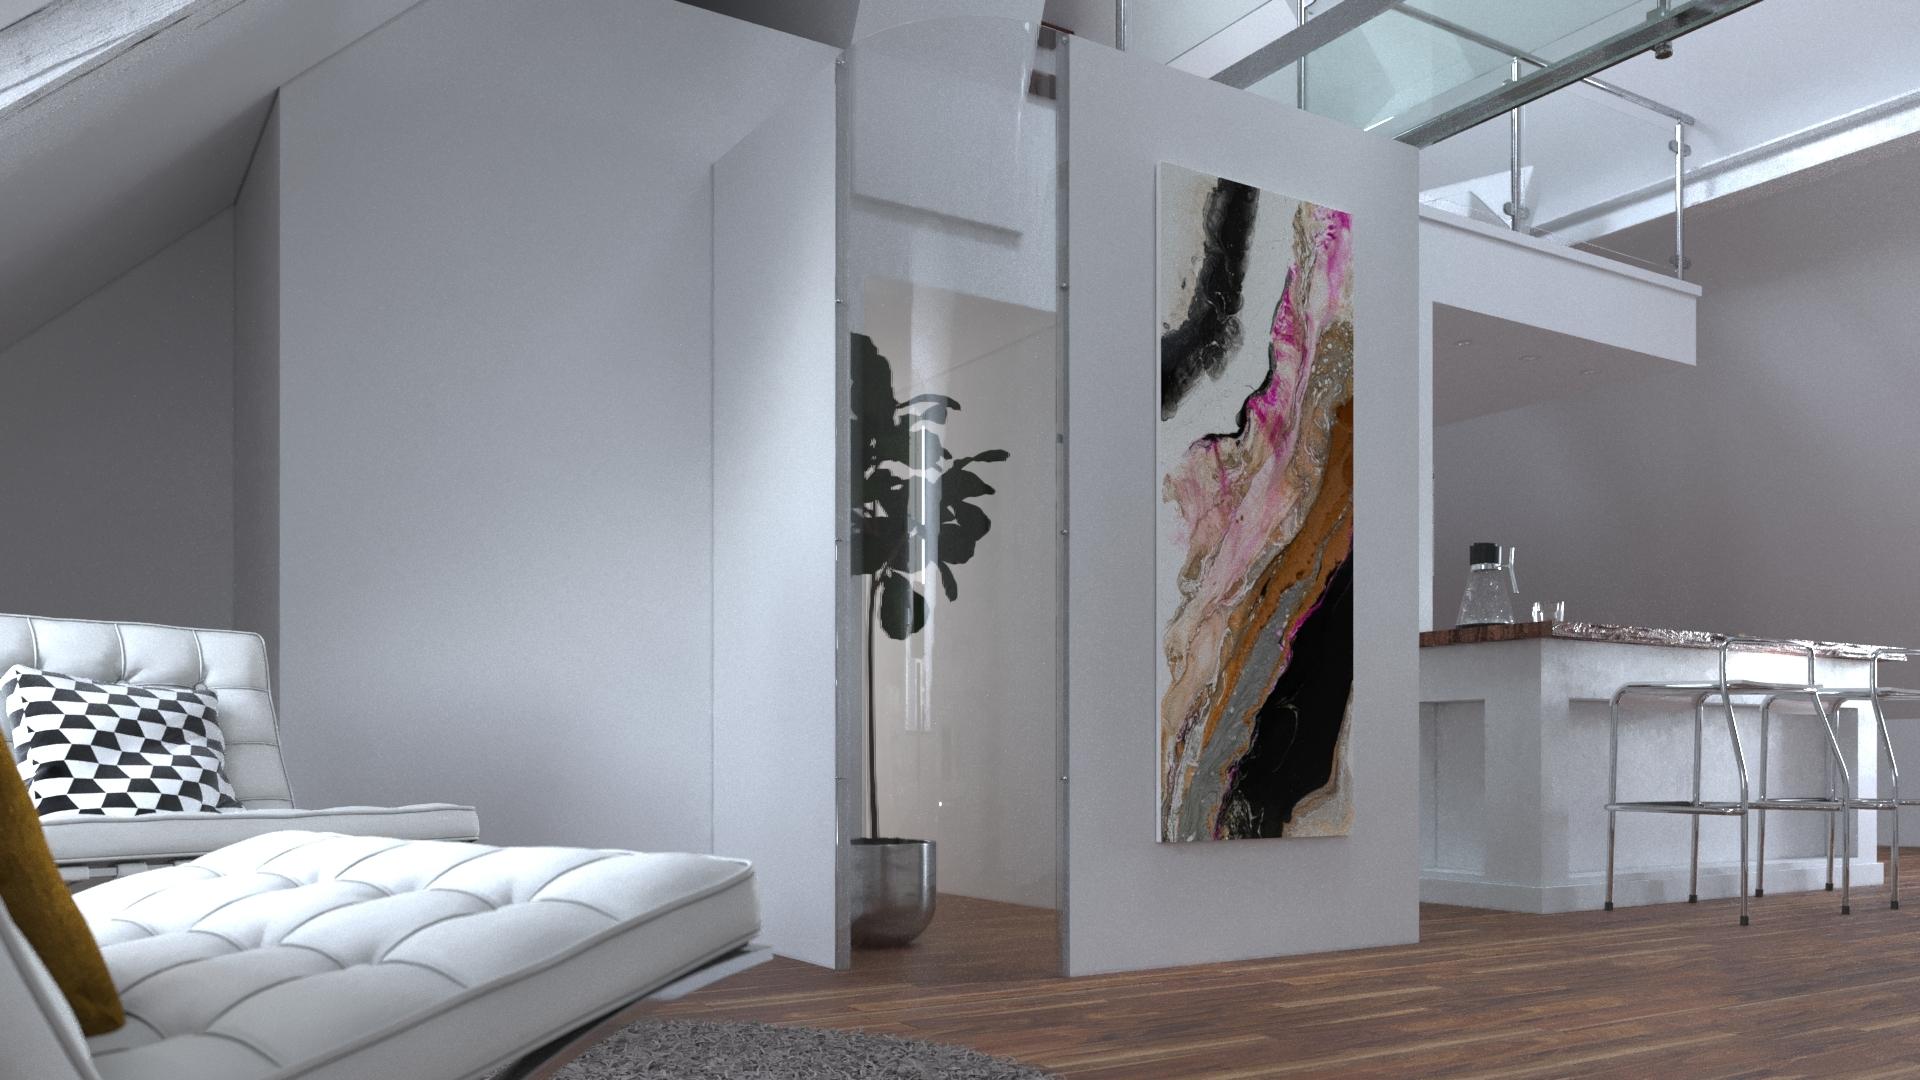 Le corner plexi Pour arrondir vos angles de murs et agrandir l'espace